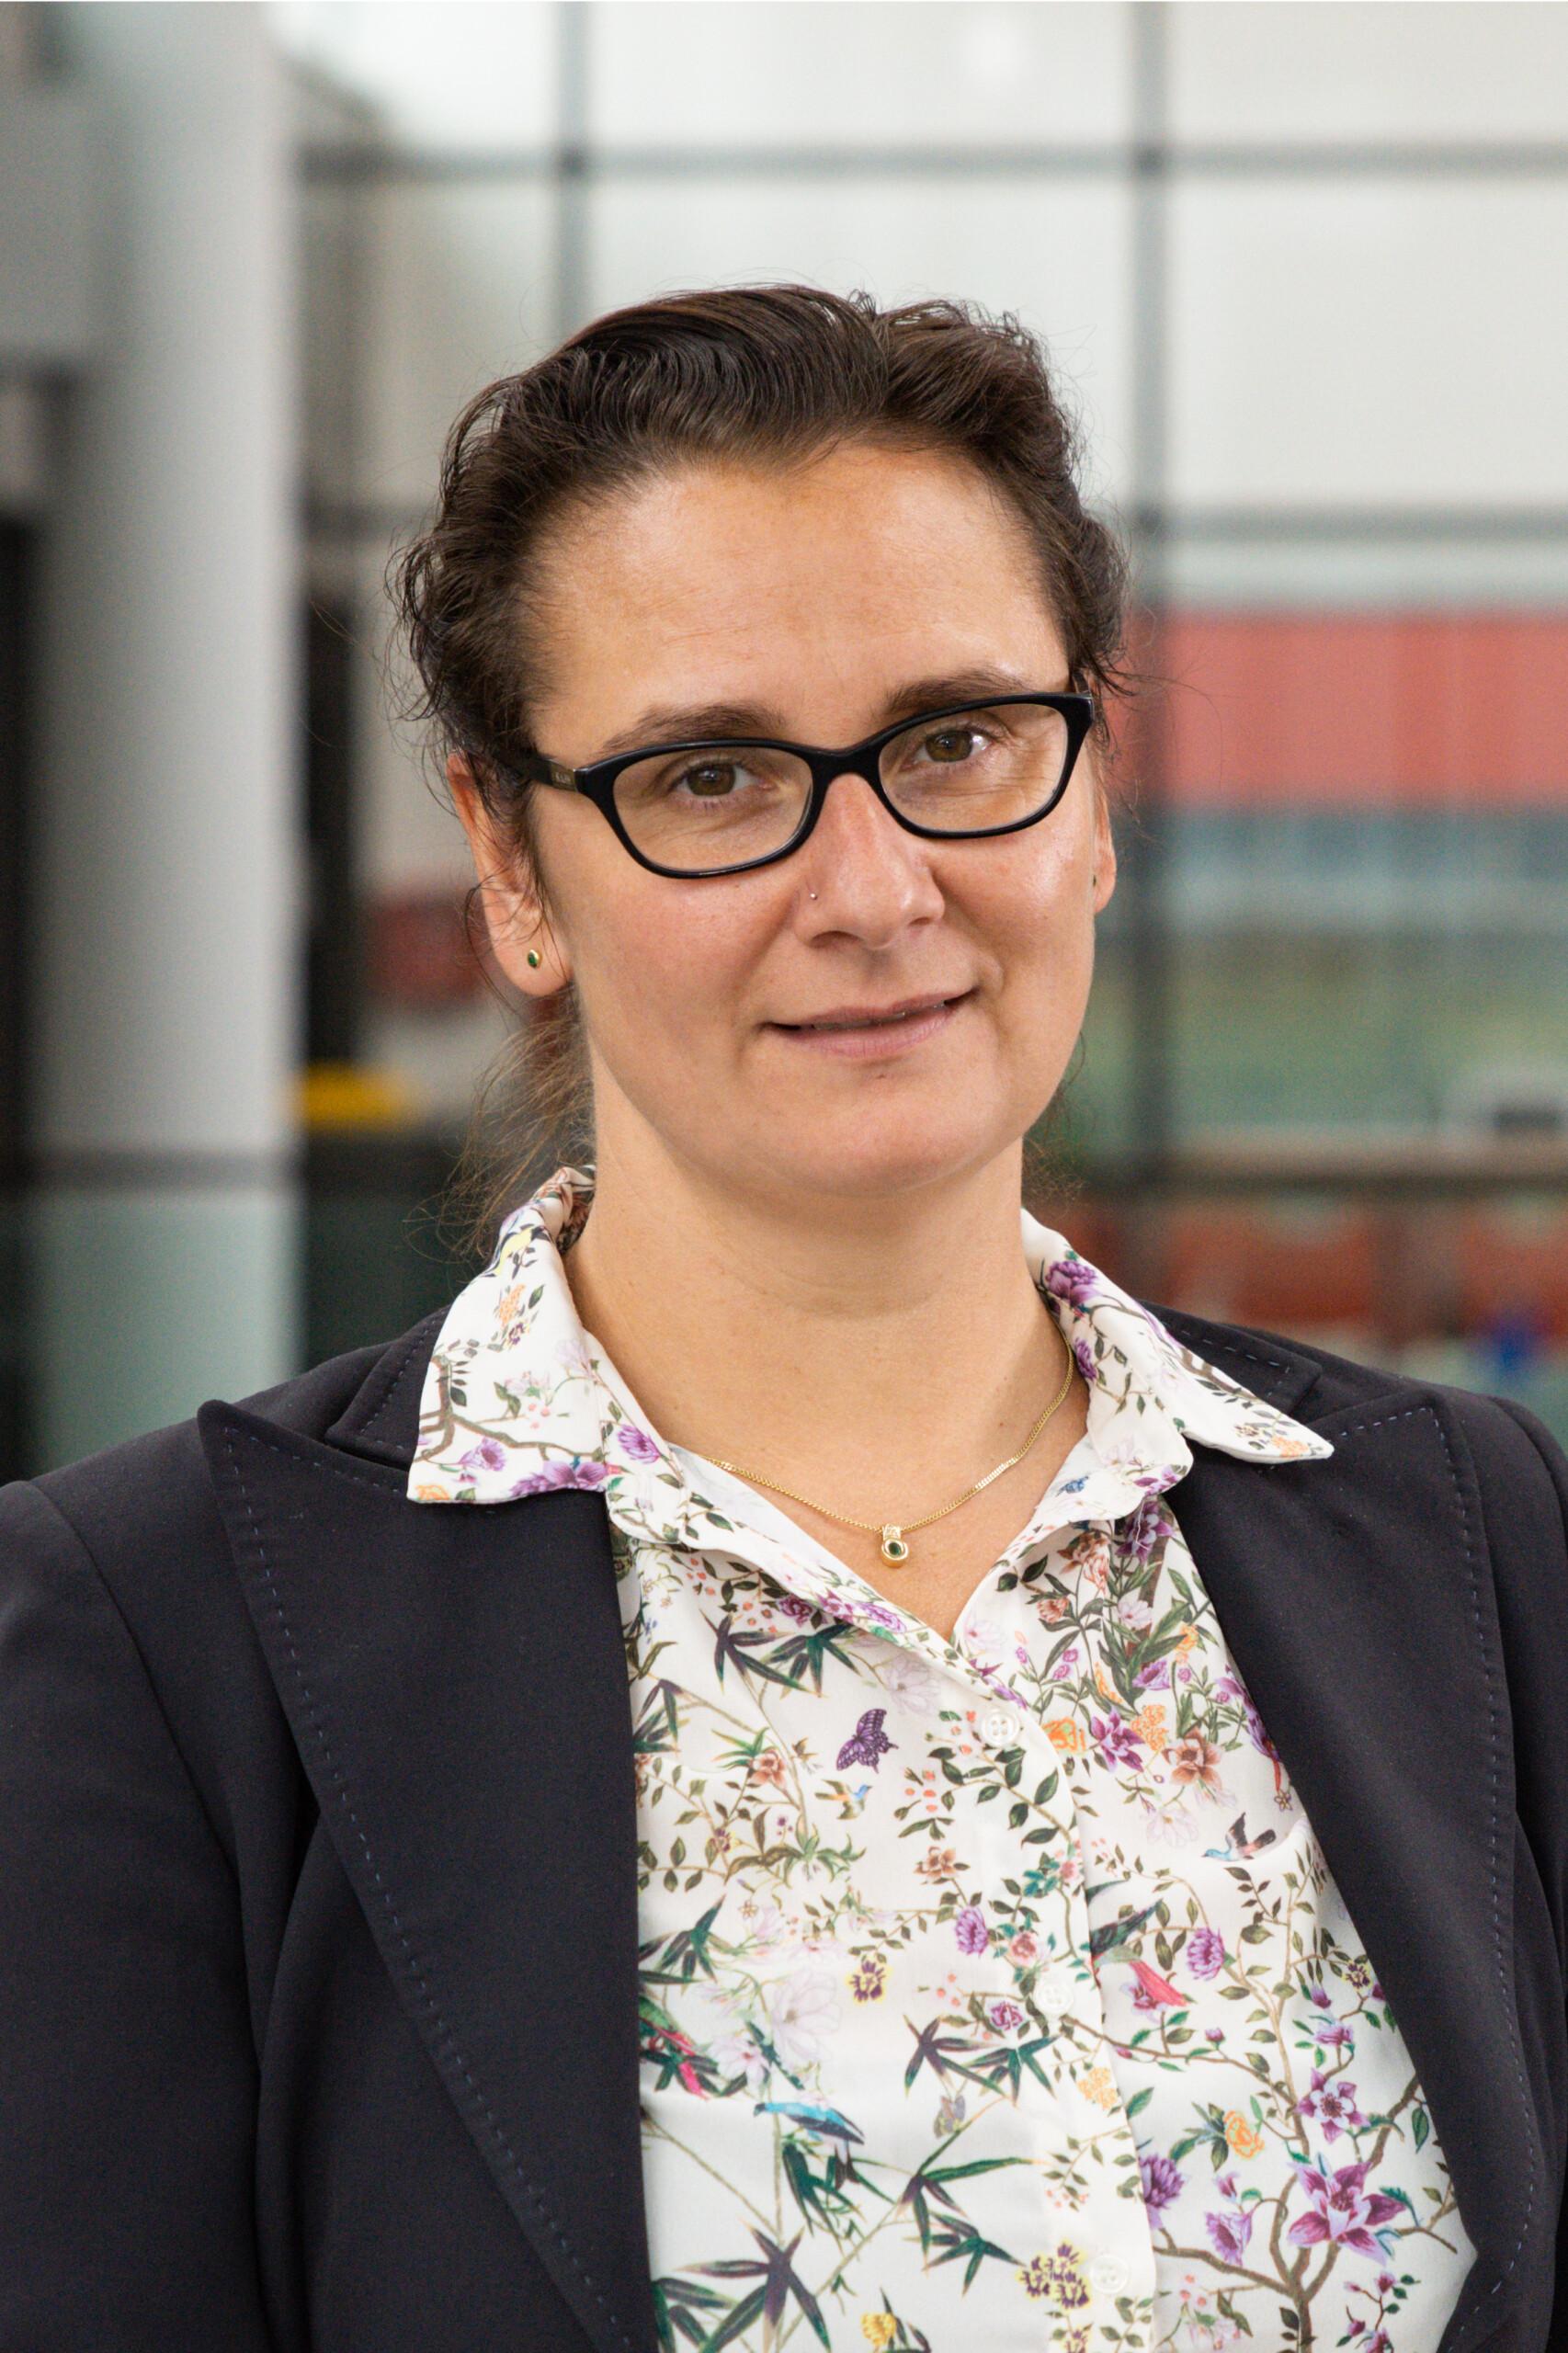 DR. SYLVIA SCHATTAUER